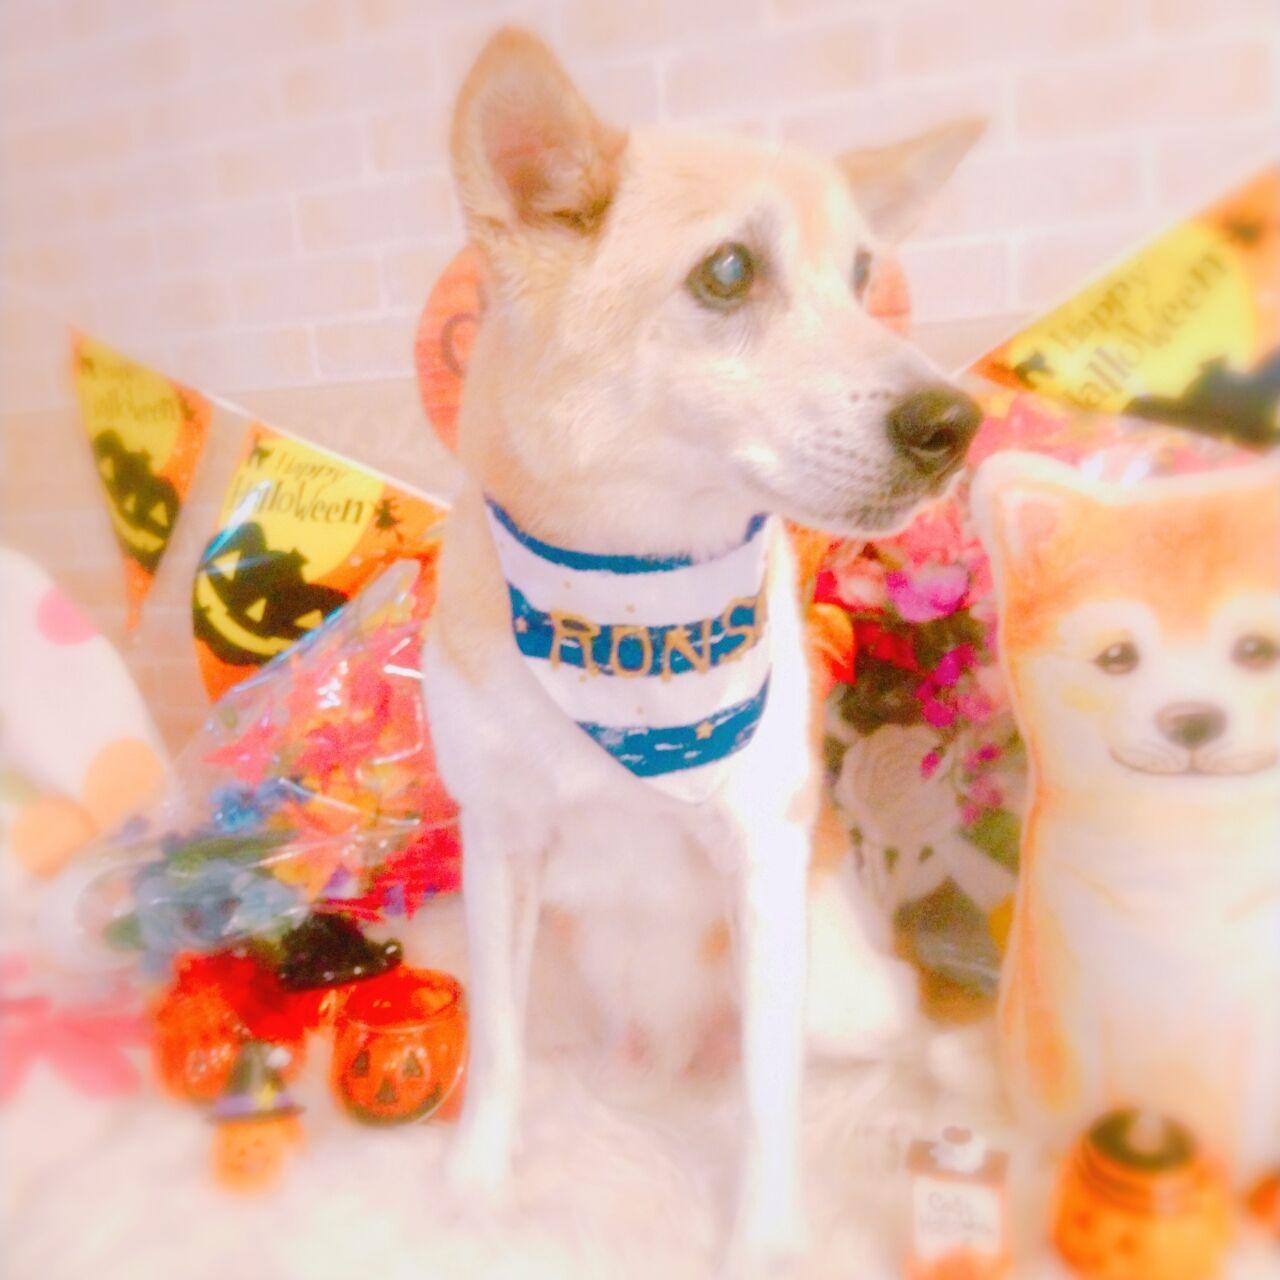 20-10-04-15-26-05-371_photo